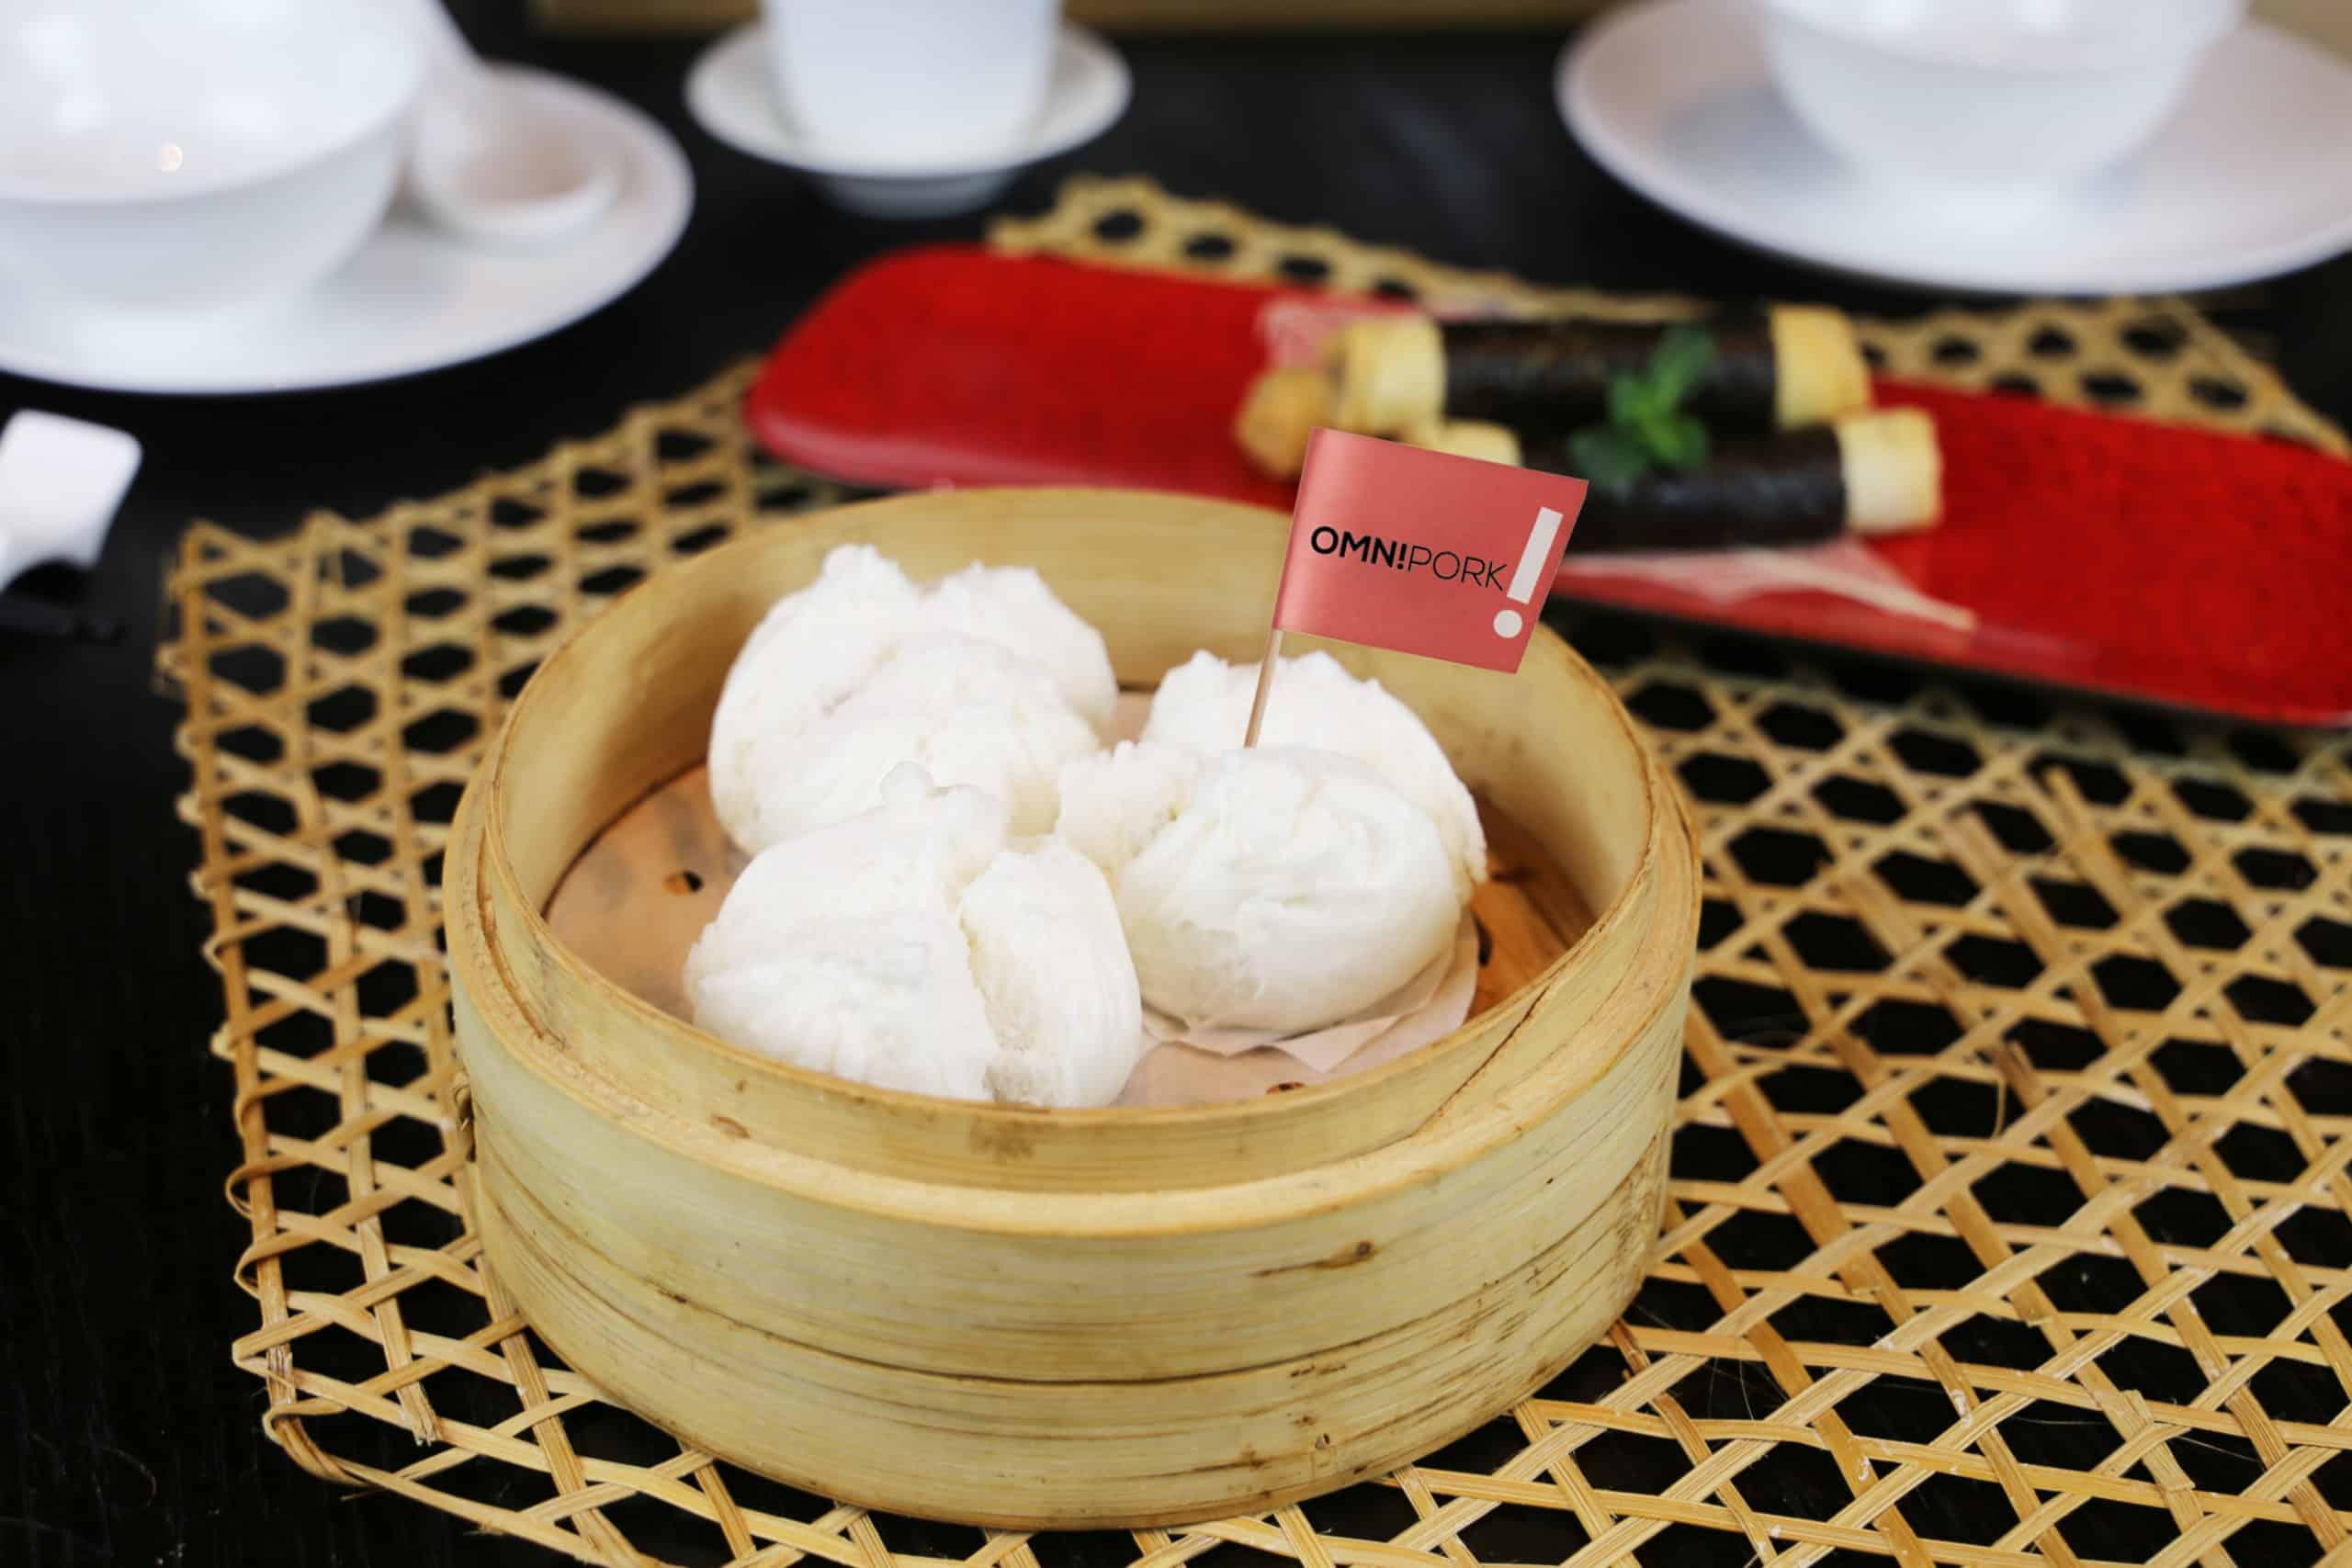 OmniFoods royal china club